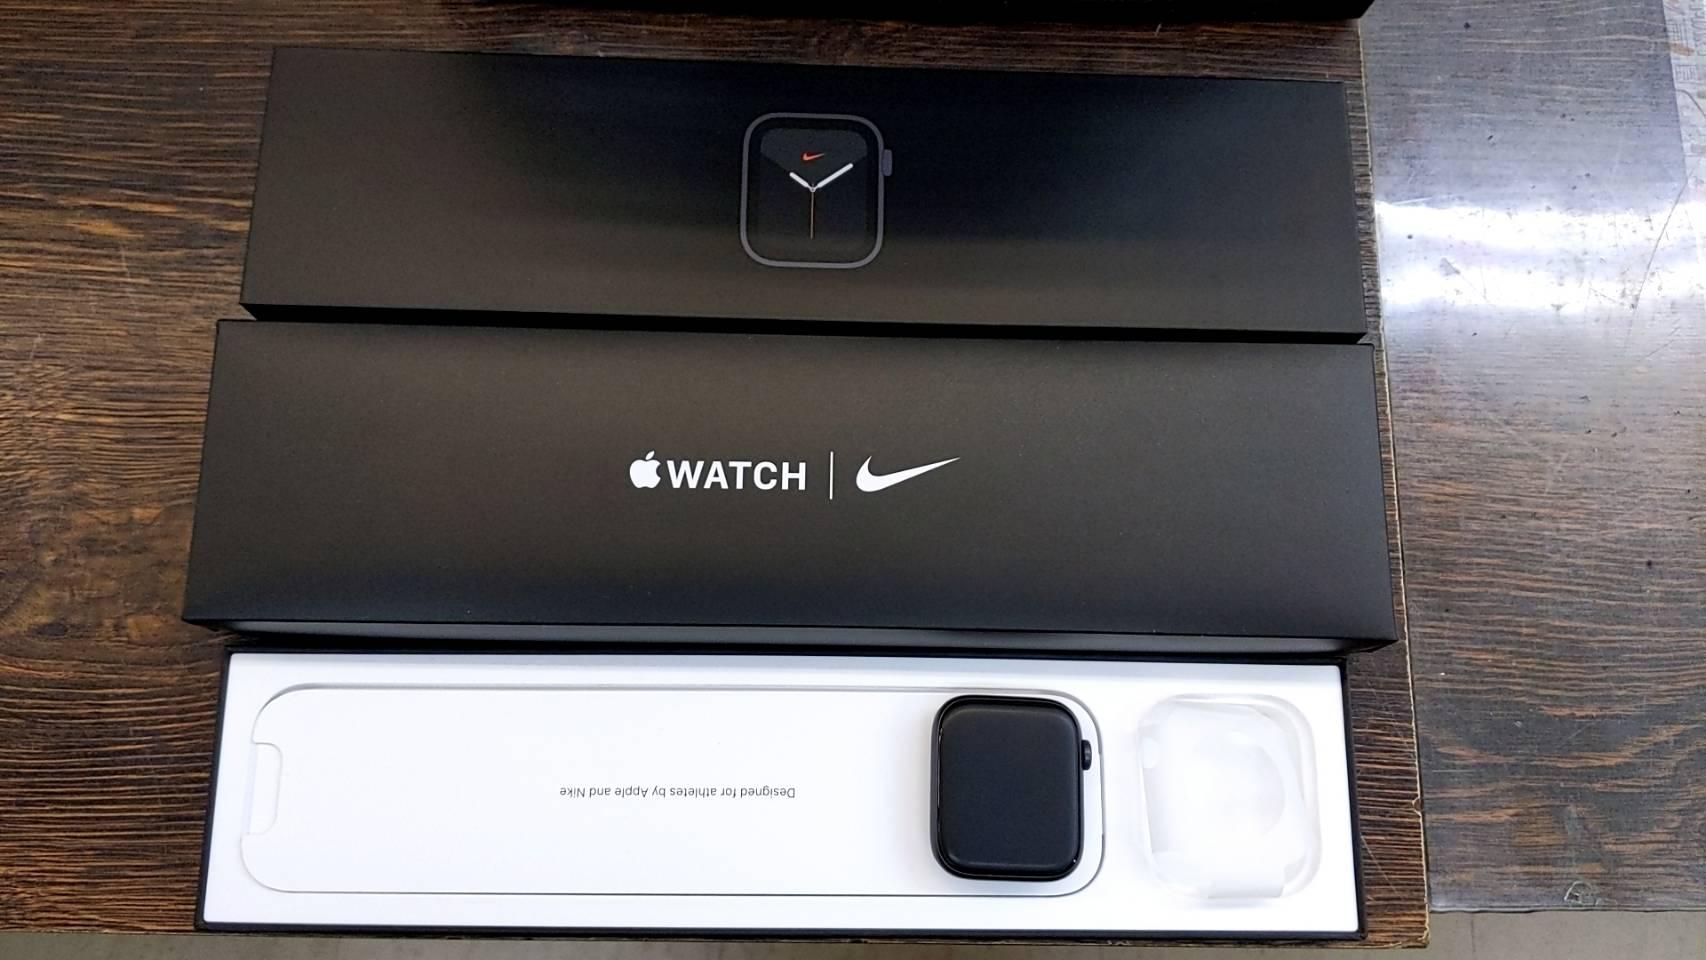 【超美品!!Apple アップル Apple Watch SE(GPSモデル)- 40mmスペースグレイアルミニウムケースとブラックスポーツバンド – レギュラー MYDP2J/A】を買取致しました!!の買取-